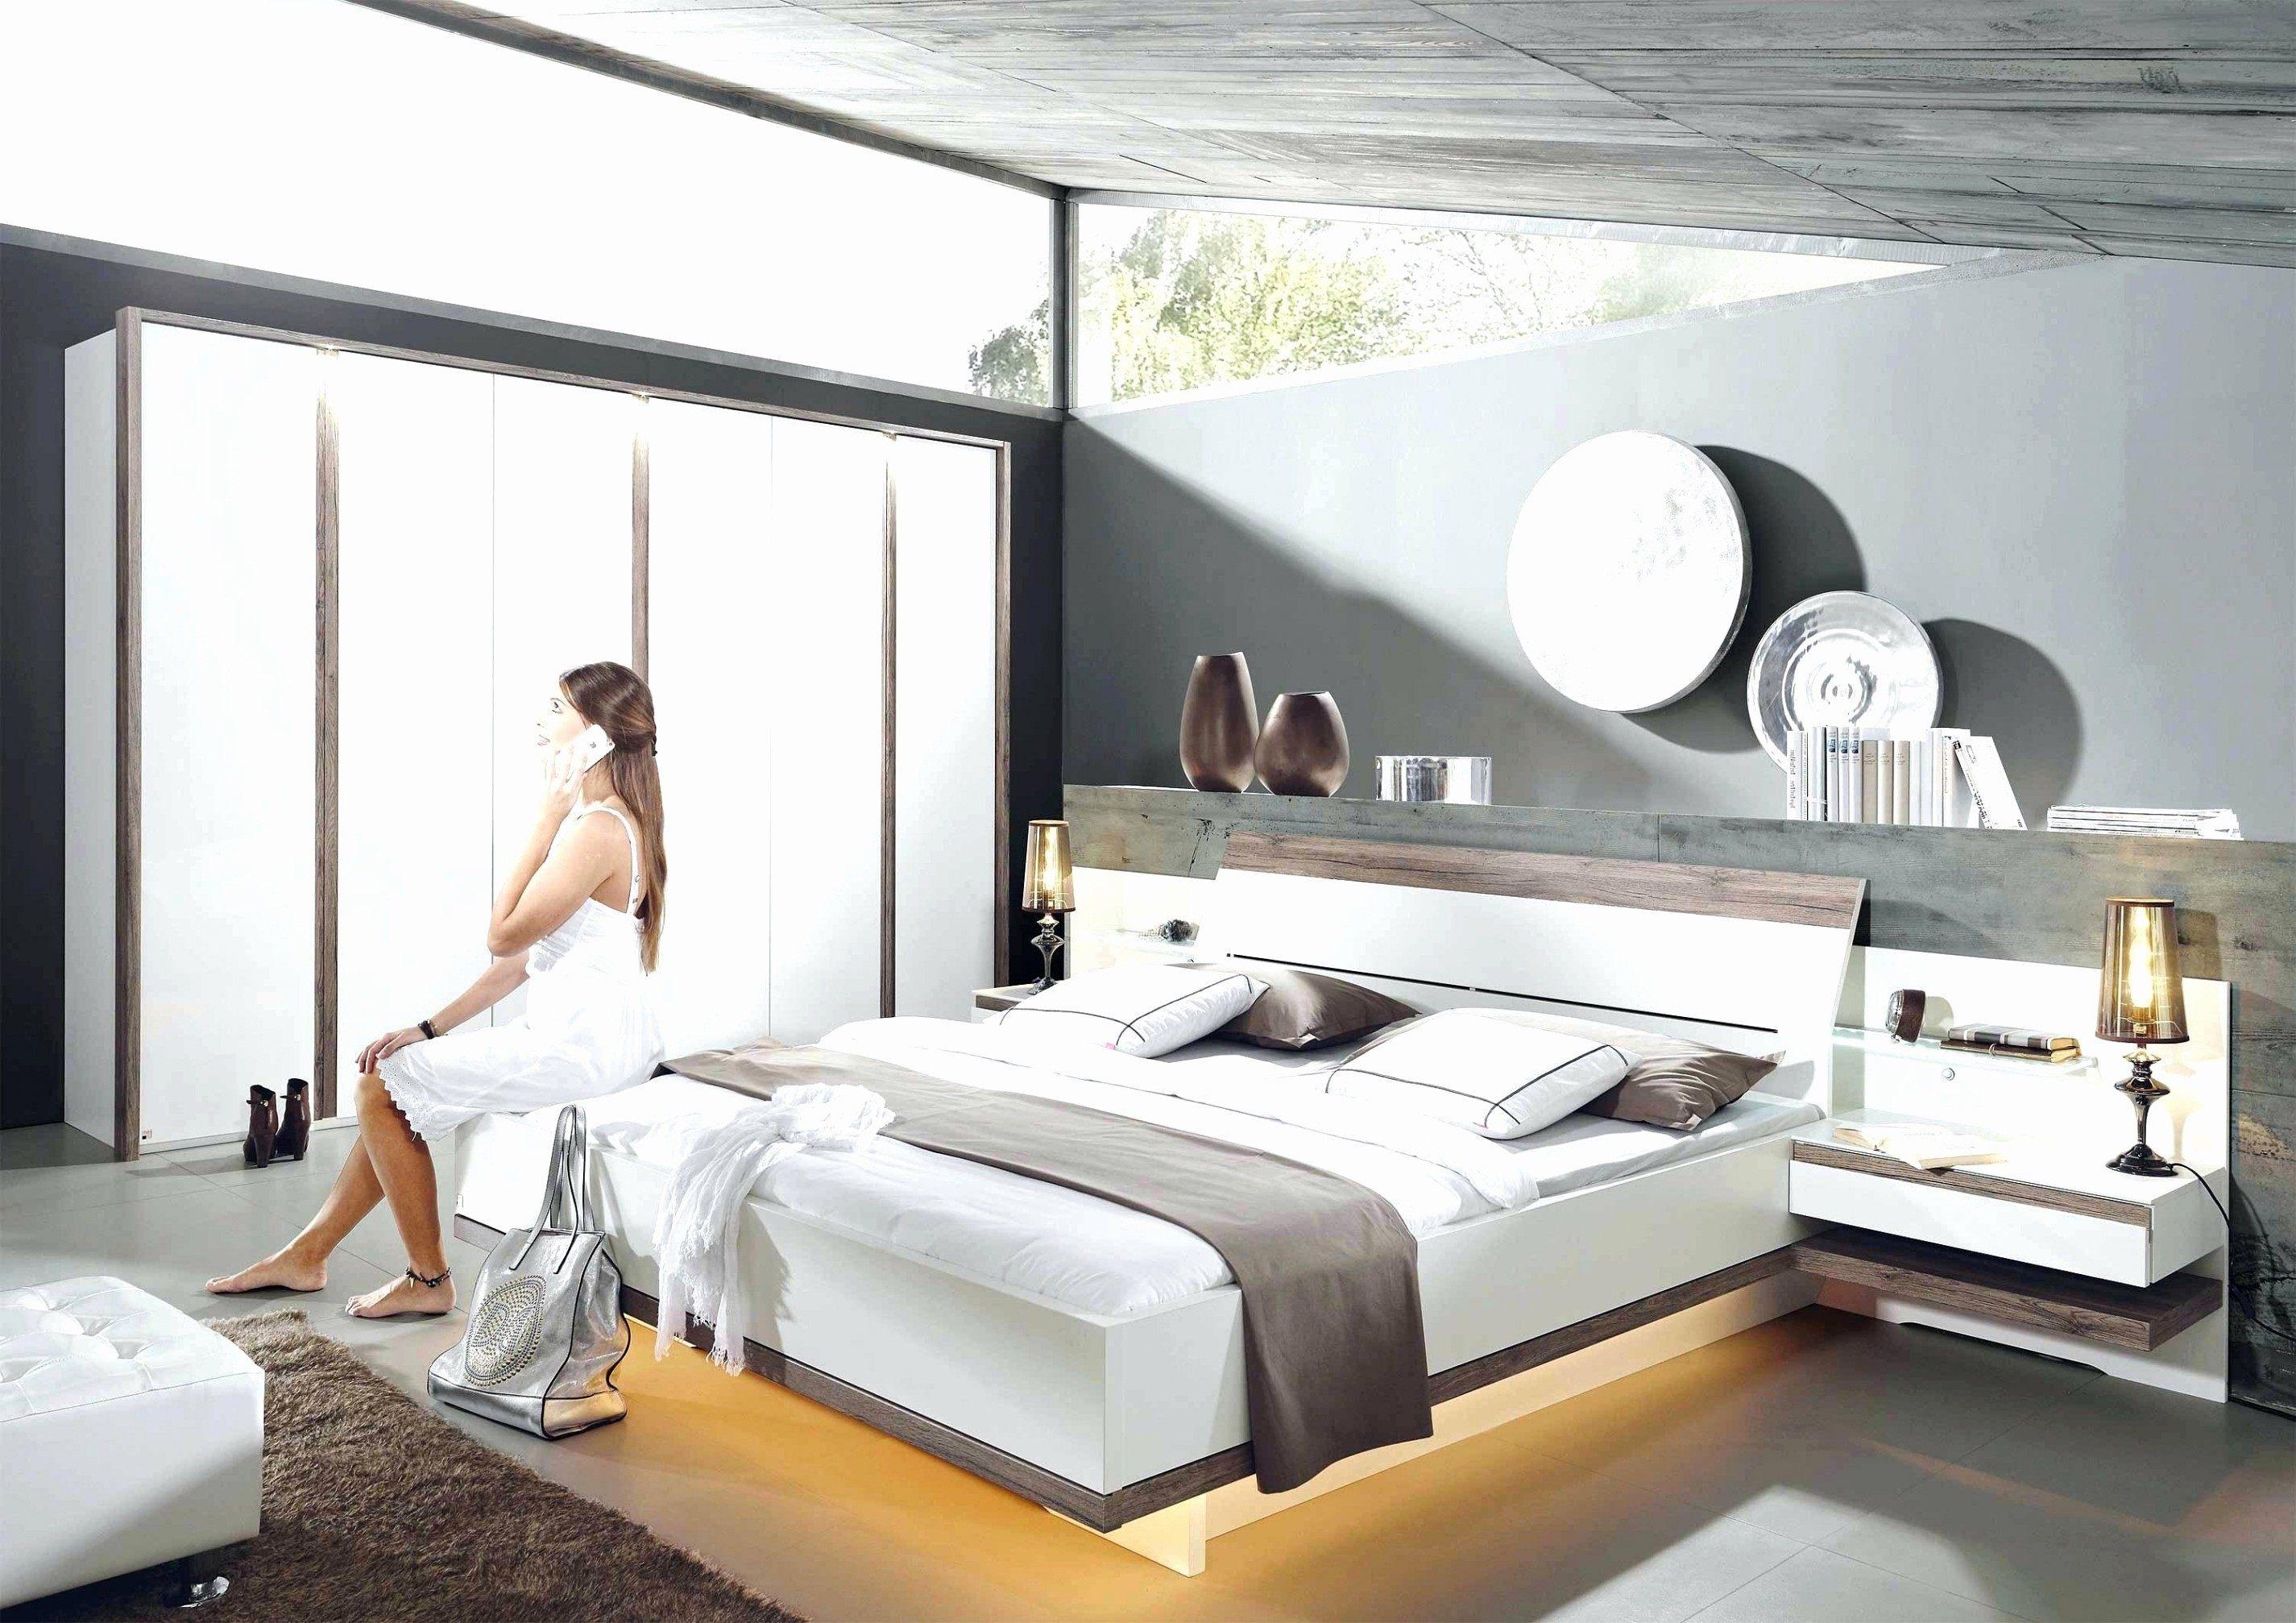 Lit 160×200 Bois Fraîche Lit Design 160—200 Prodigous Image Tate De Lit Bois Ikea Lit 160—200